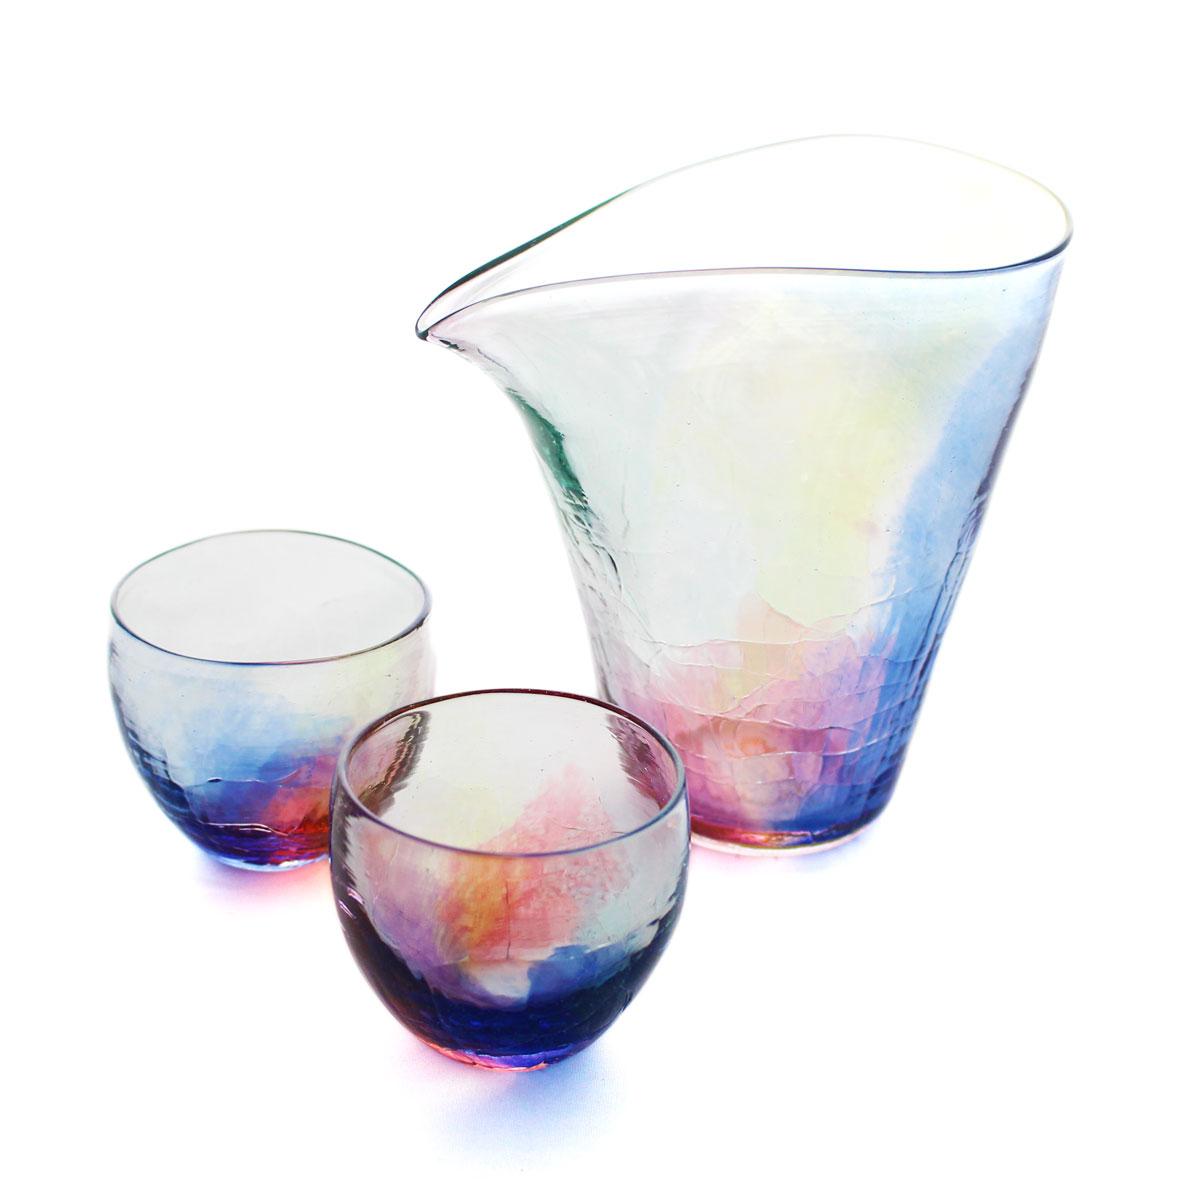 SAIZOU GLASS LABO サイゾウグラスラボ ハンドメイド ガラス酒器 虹のカタチ 冷酒器セット (縦型片口・ぐい呑2個)